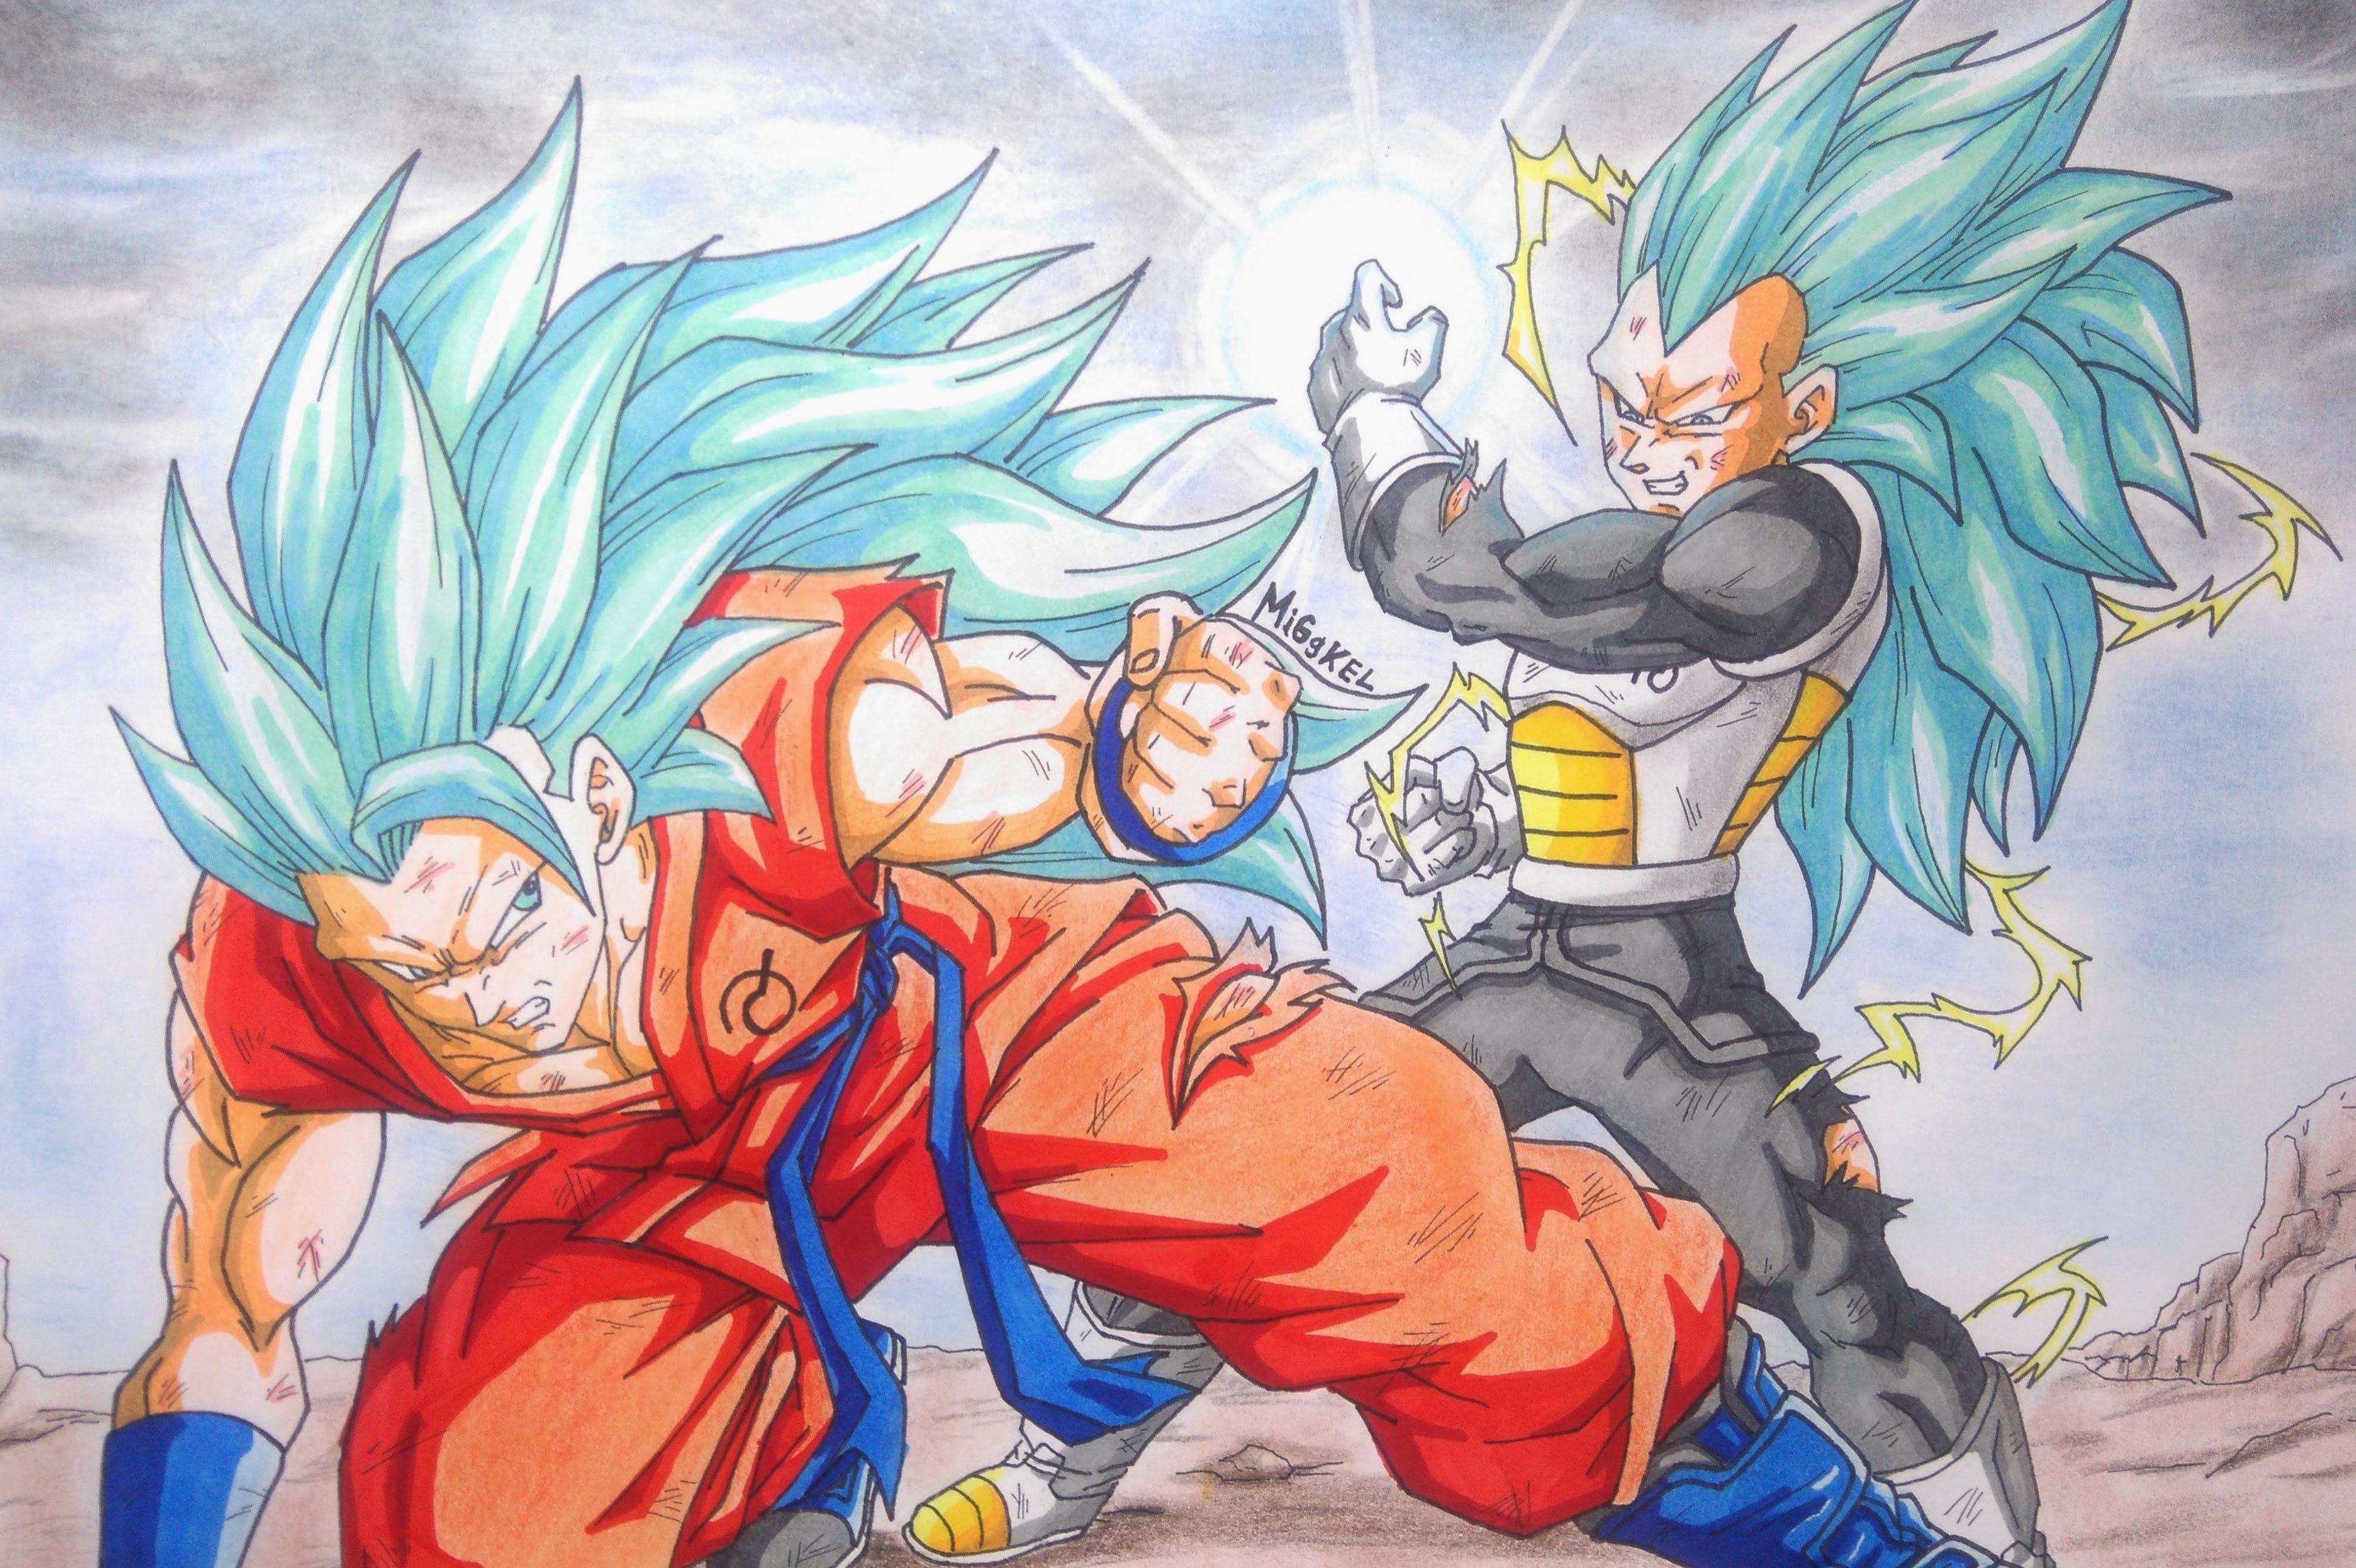 3869x2575 Como Dibujar A Goku Vs Vegeta Ssj God Ssj Fase 3. How To Draw Goku